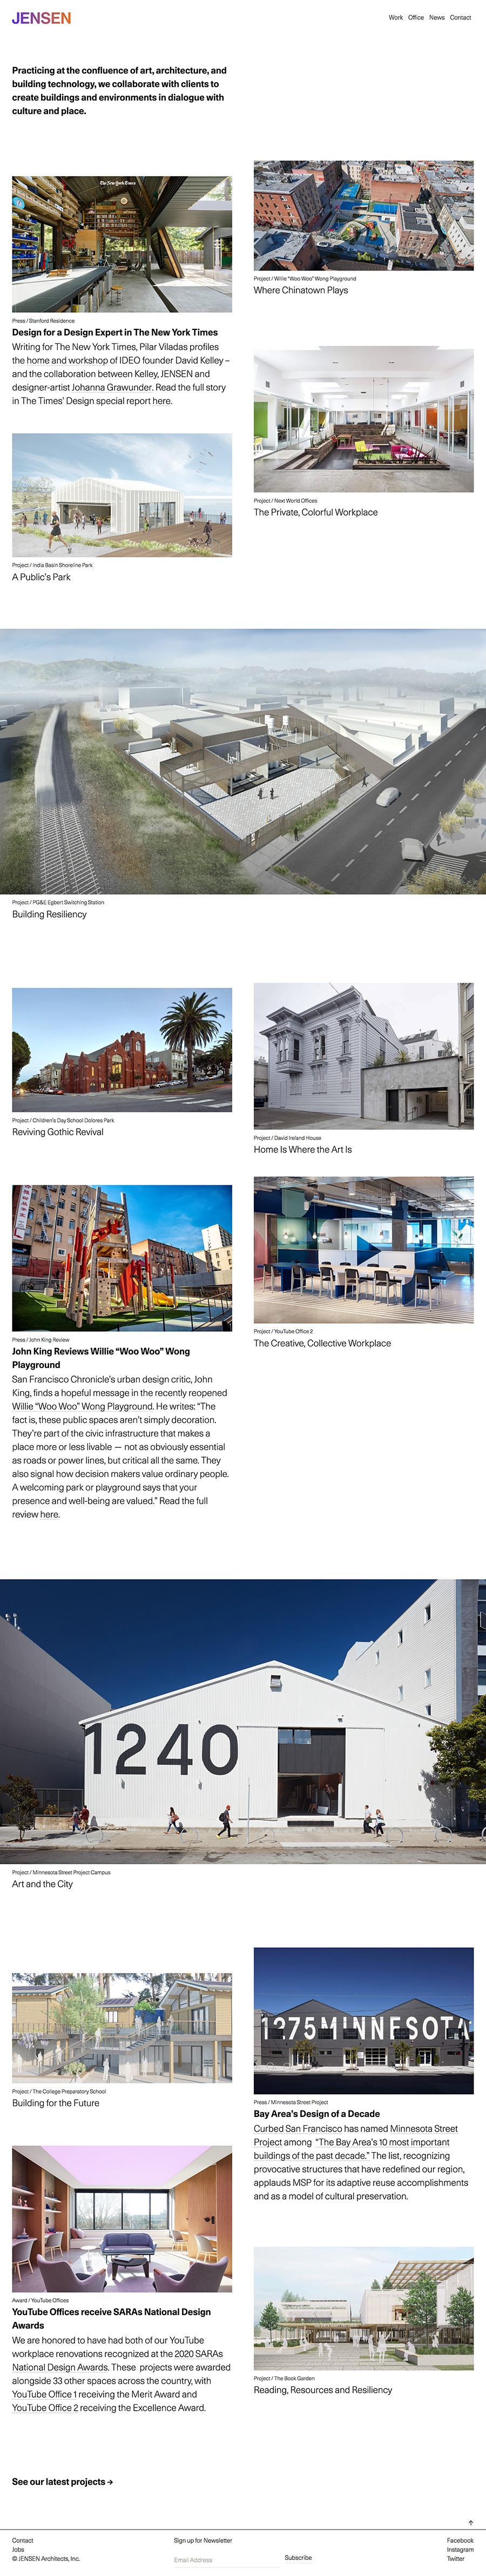 Jensen Best Architecture Website